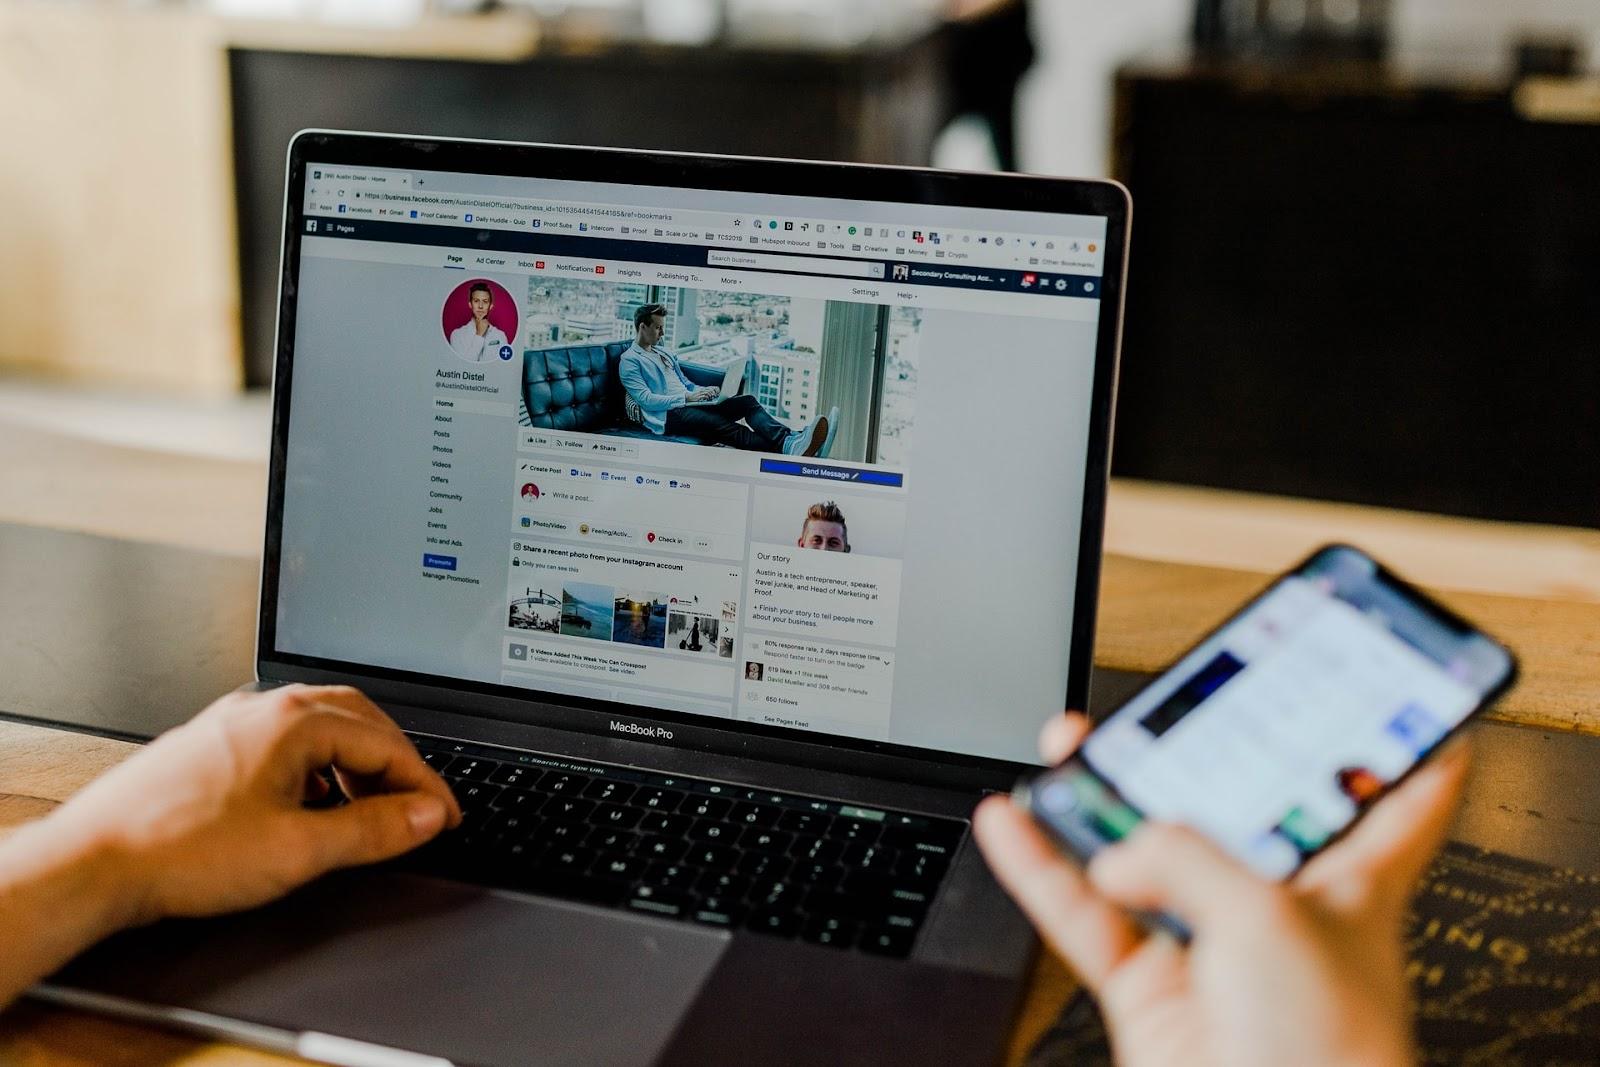 Dedicar atenção a todos os canais de atendimento, inclusive as redes sociais, é muito importante para garantir a excelência no cuidado com o cliente. (Foto: Unsplash)